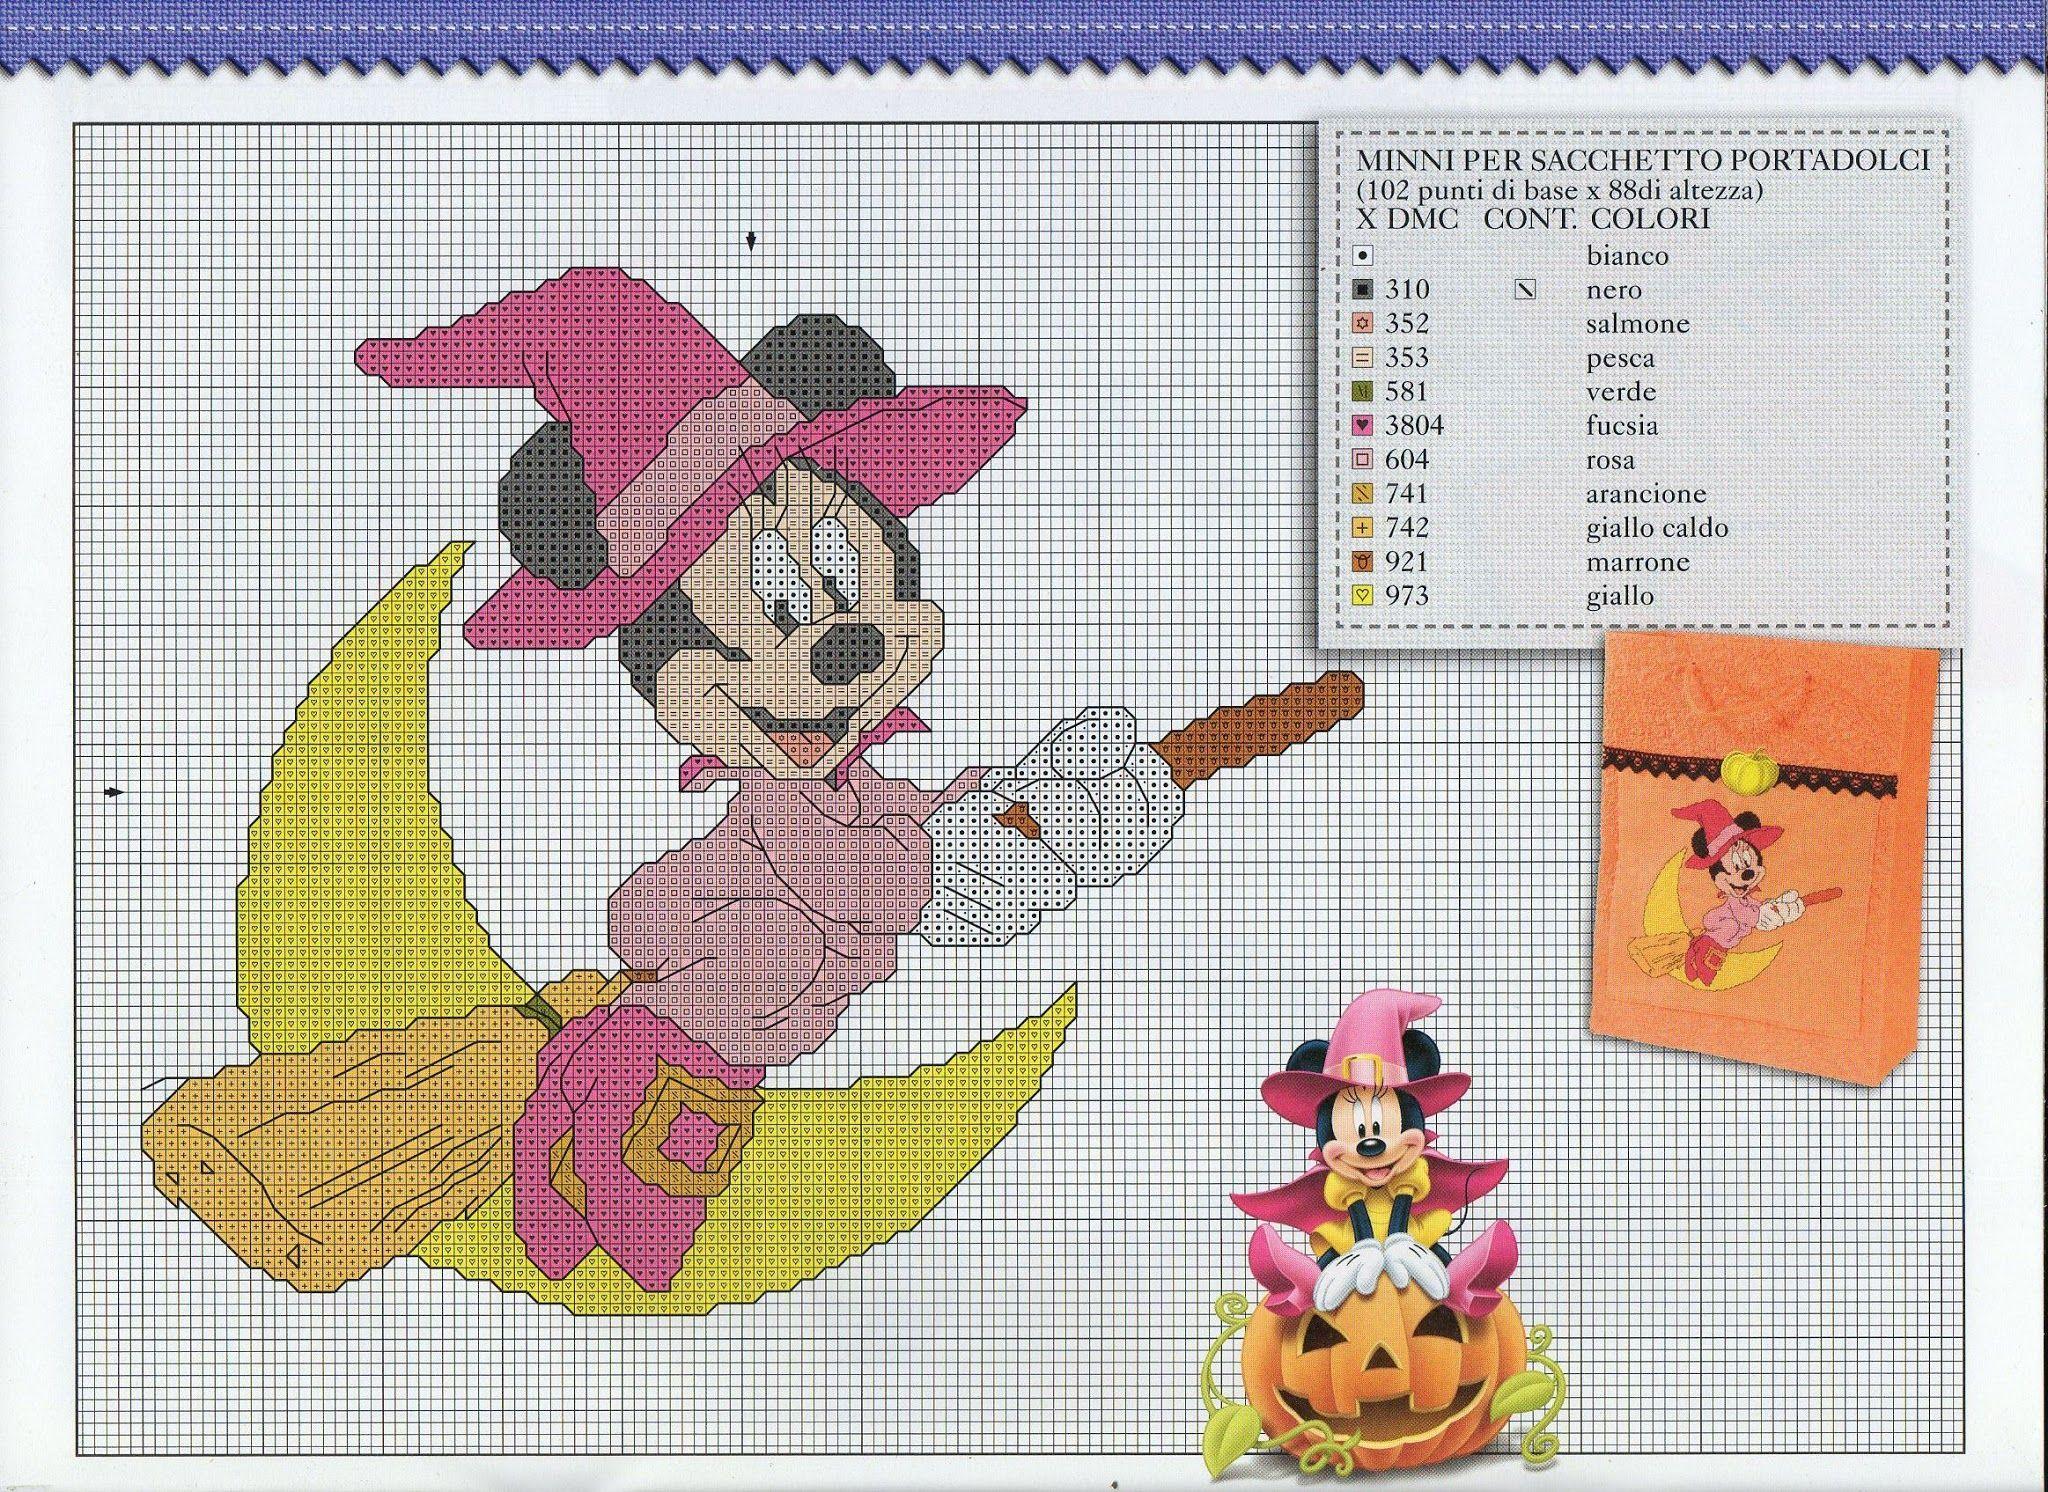 DPC66-14.jpg 2,048×1,492 pixels